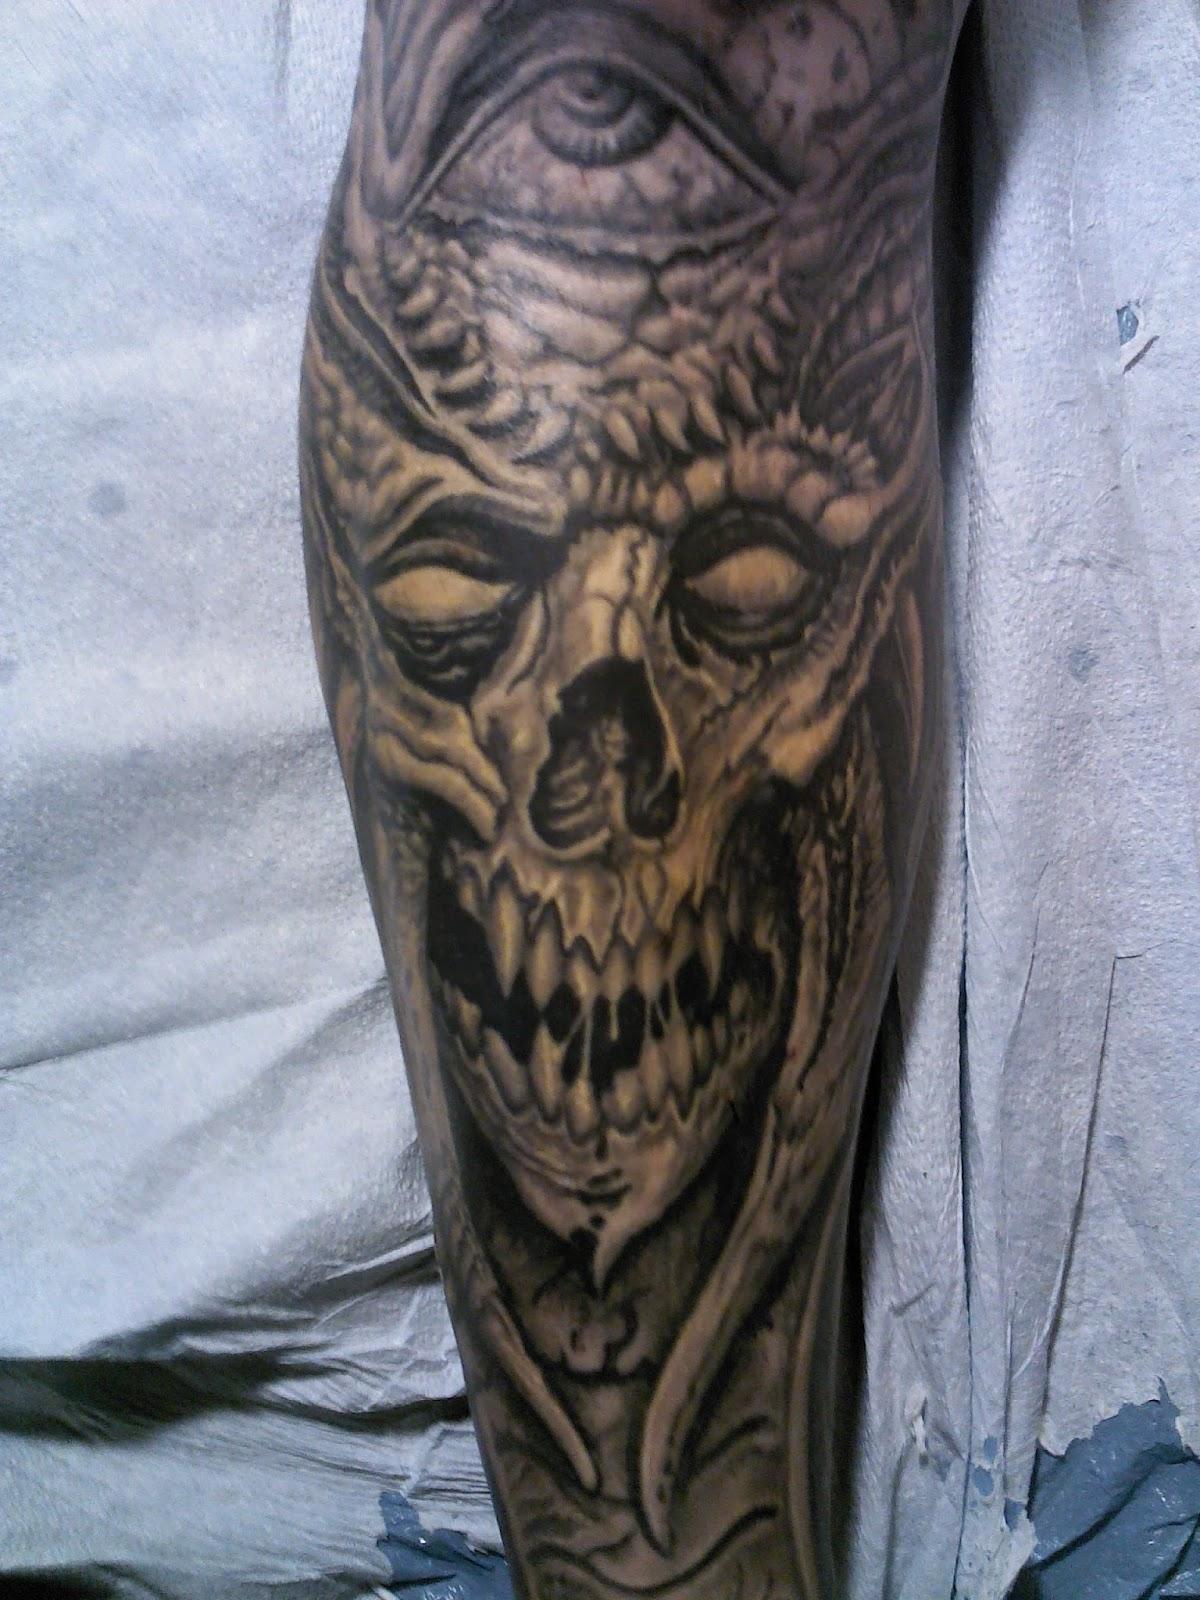 Demon Tattoos: Tattoosbychrisamlie: Demon Skull Tattoo/ Biomech Tattoo